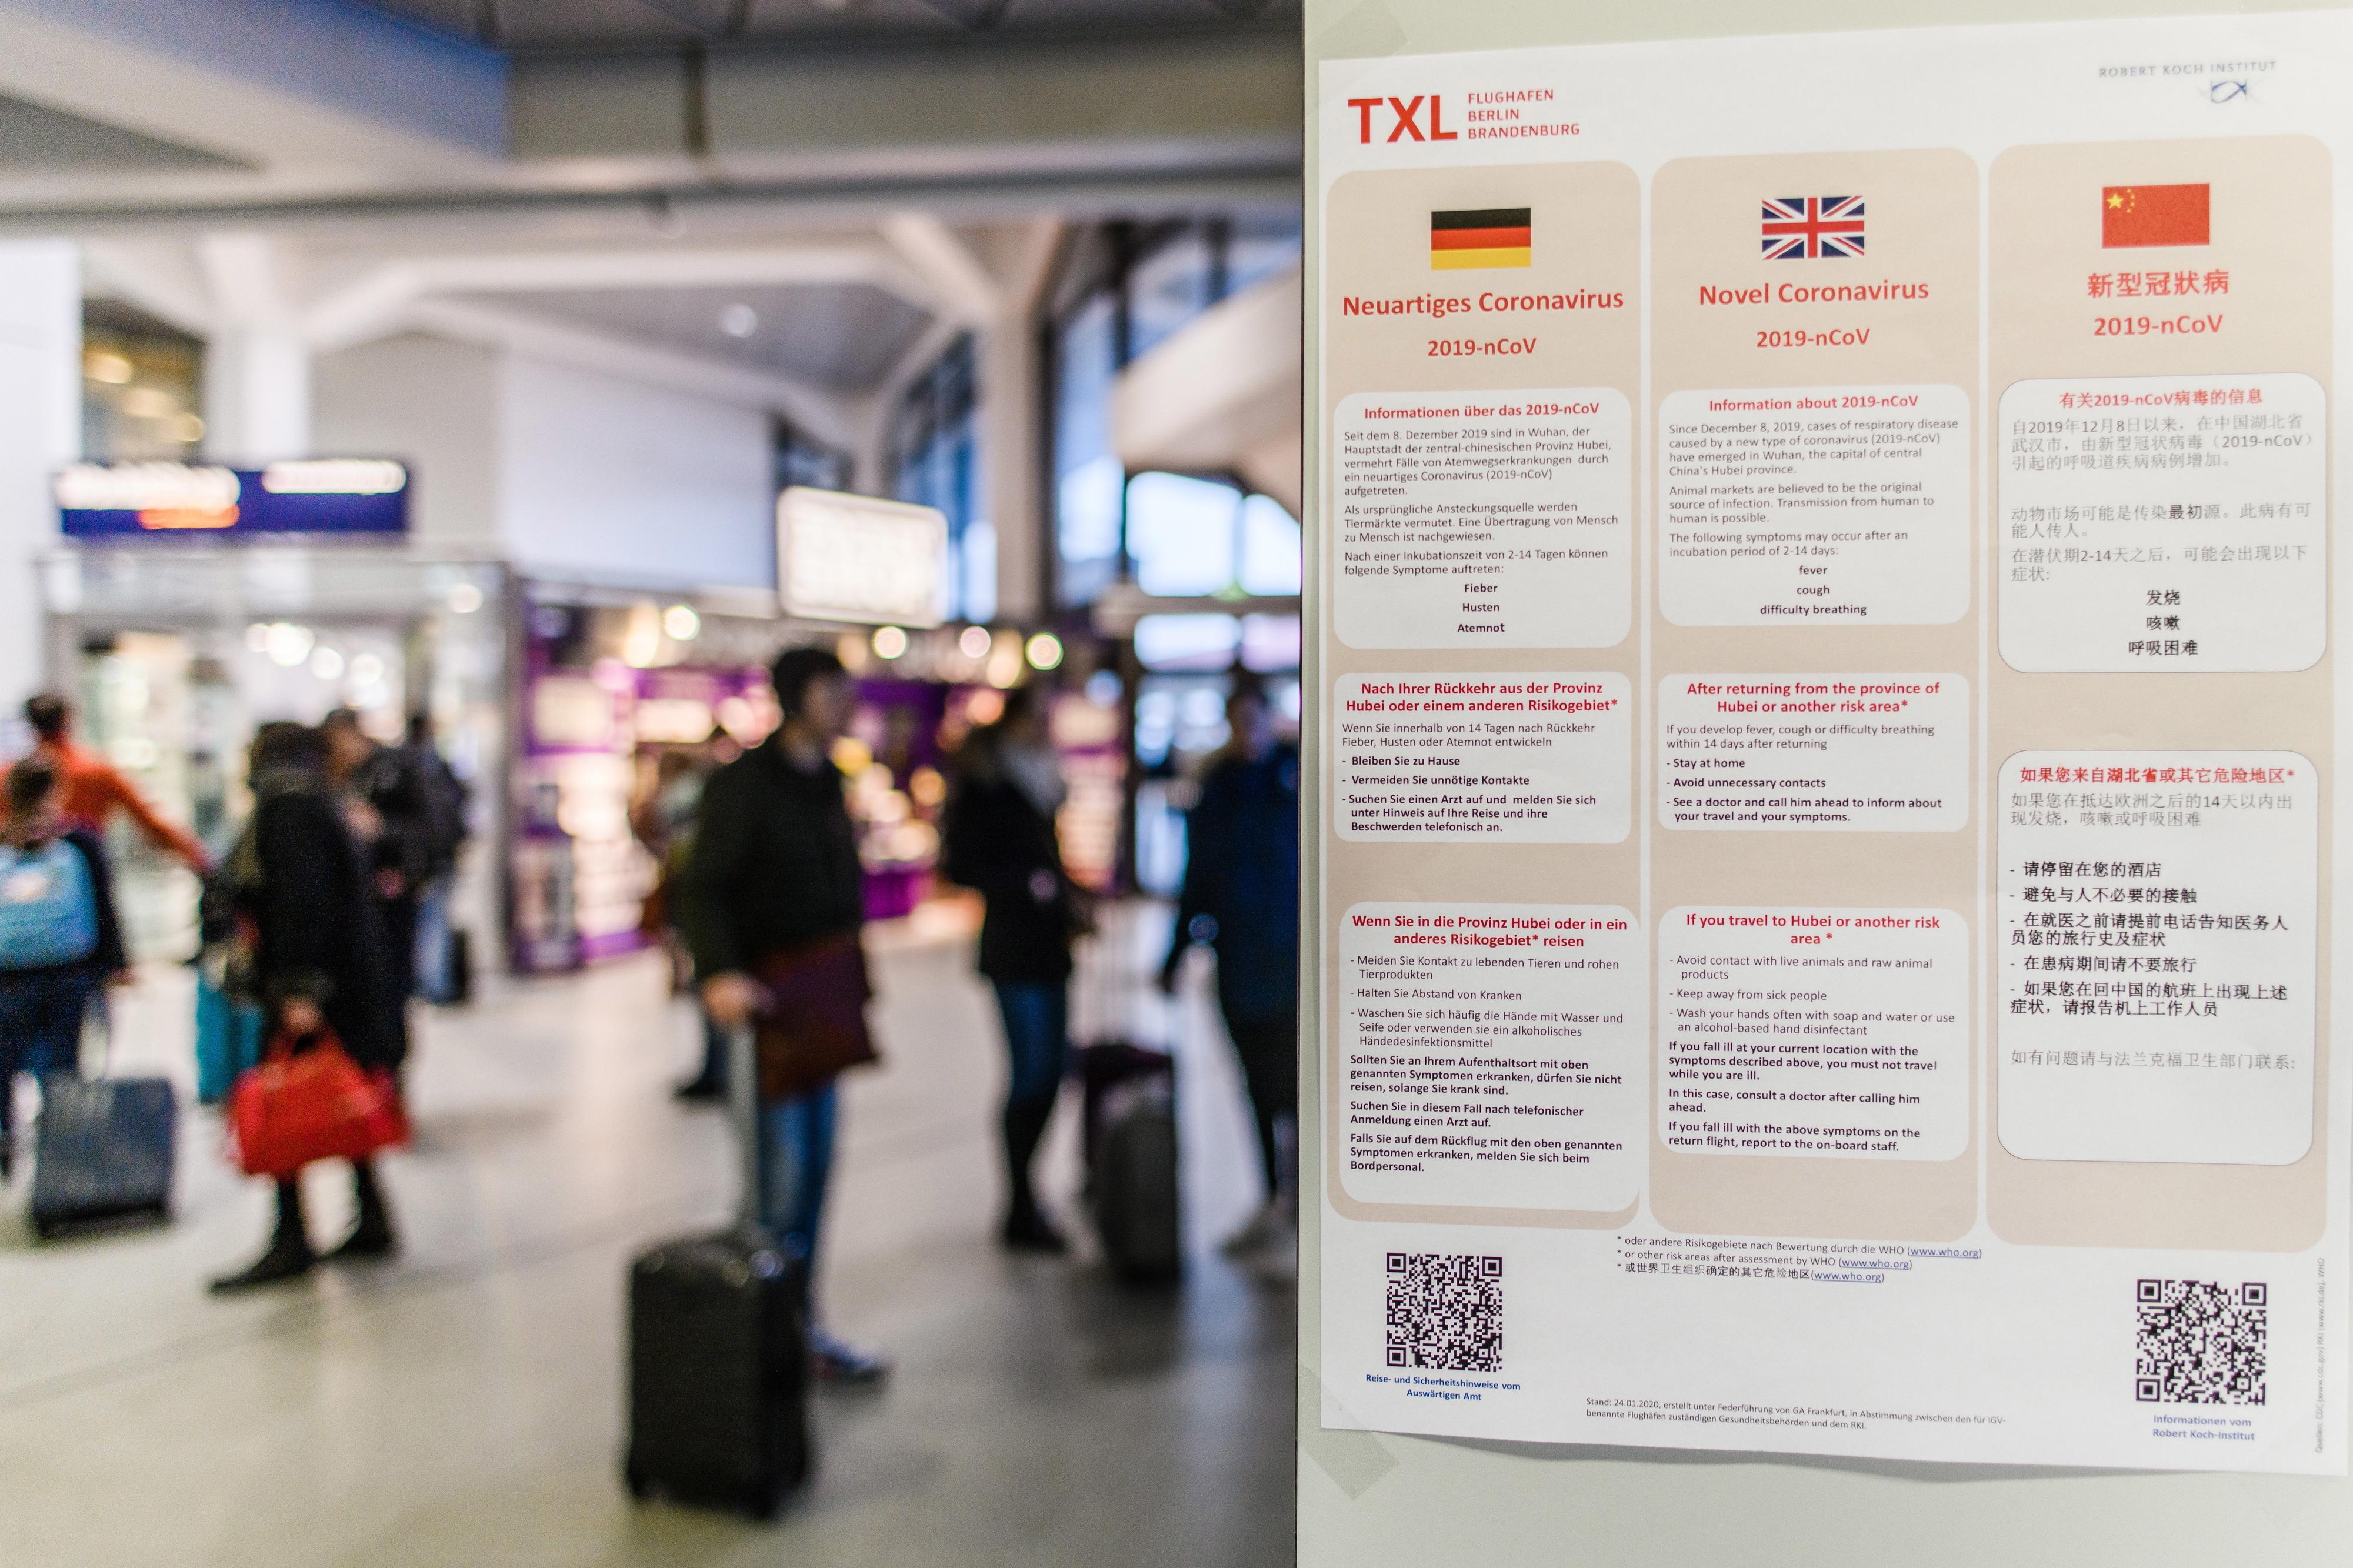 """Governo português desaconselha """"viagens não essenciais"""" à China devido ao novo coronavírus"""